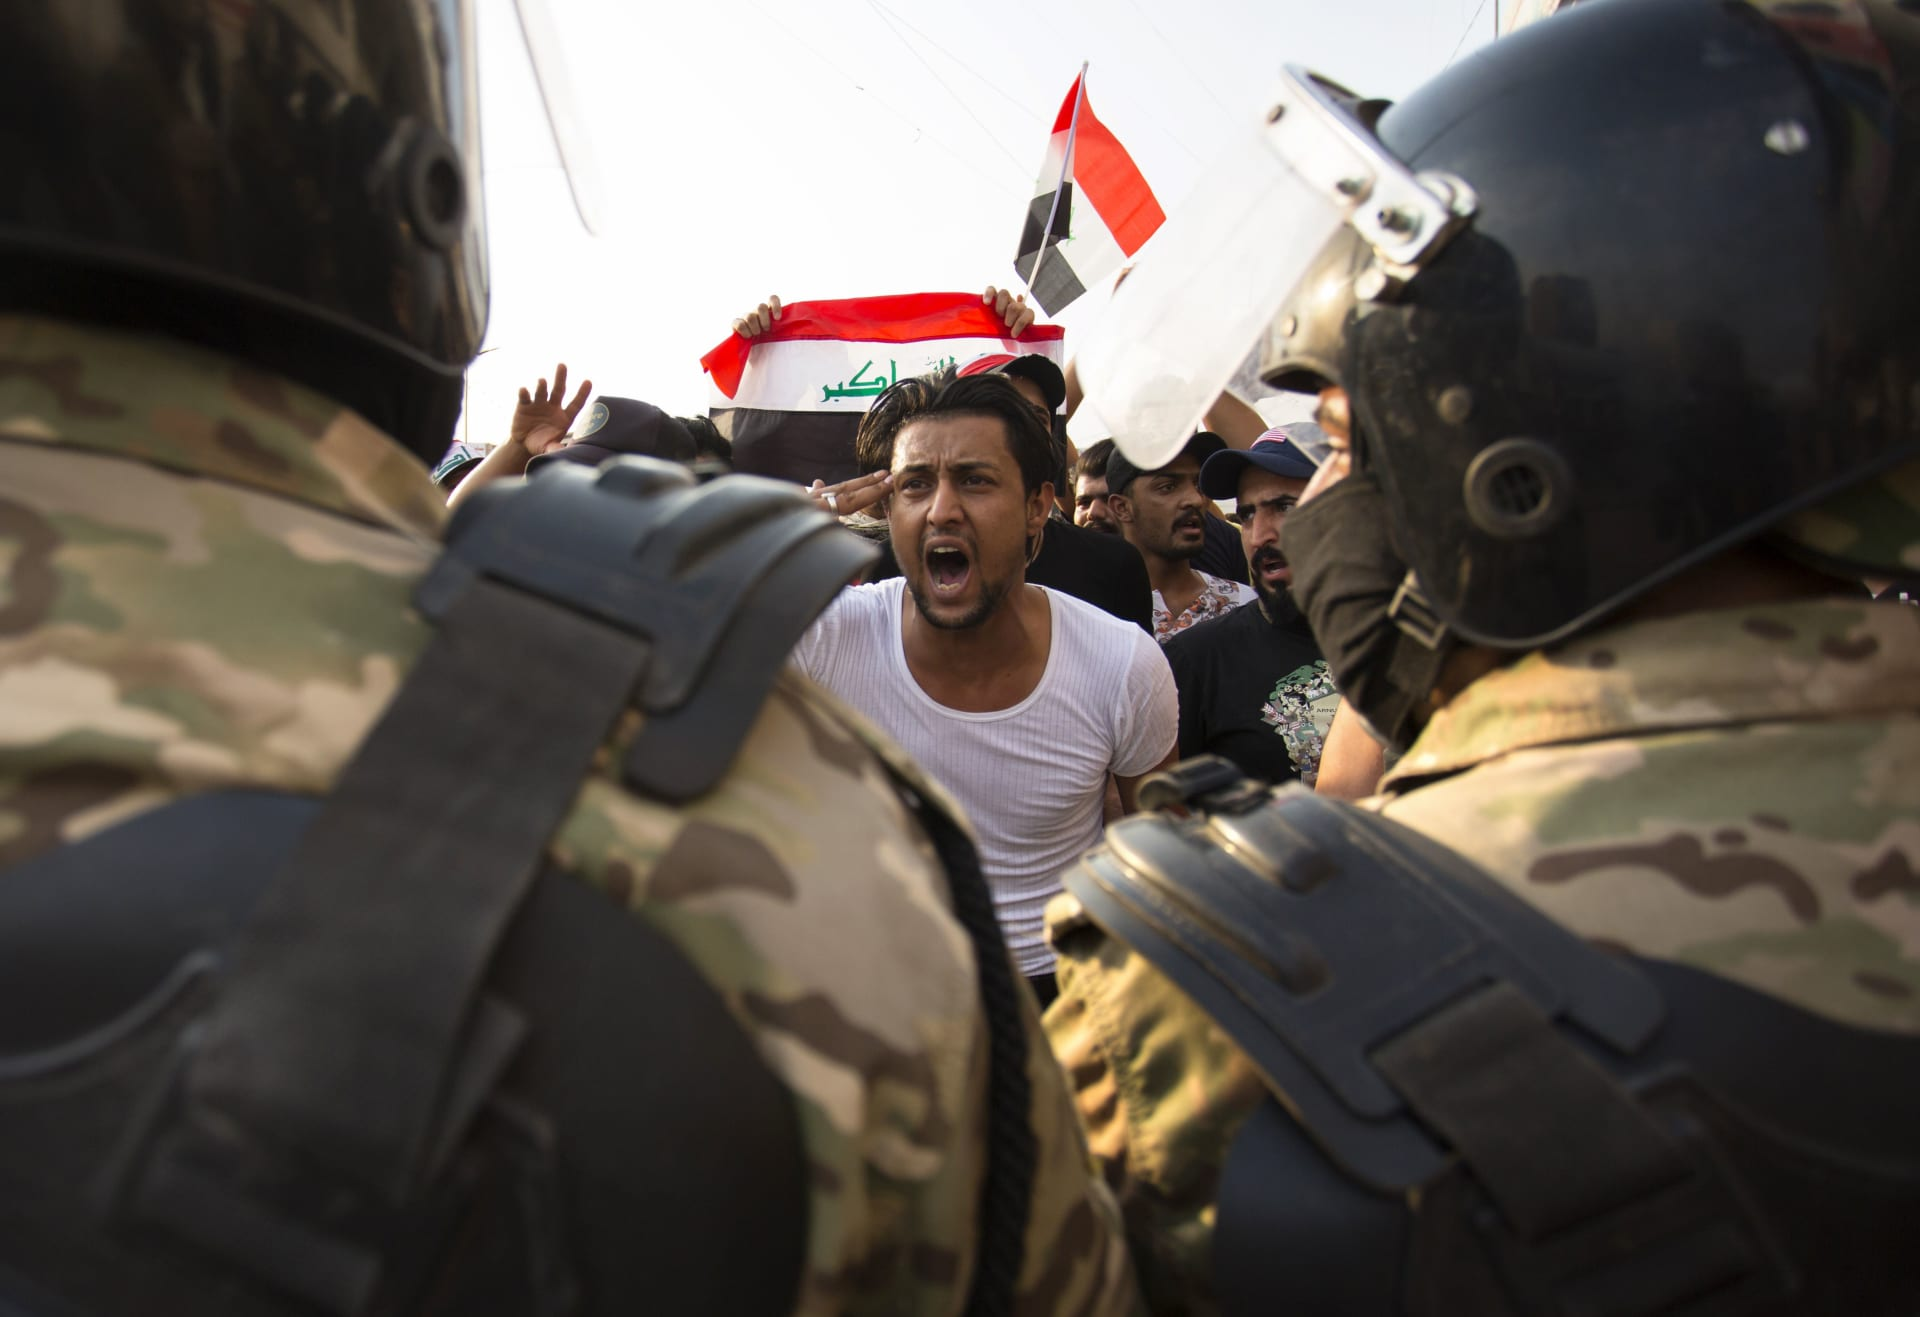 حظر تجوال واستنفار عسكري وغلق طرق بغداد.. ماذا يحصل بالعراق؟